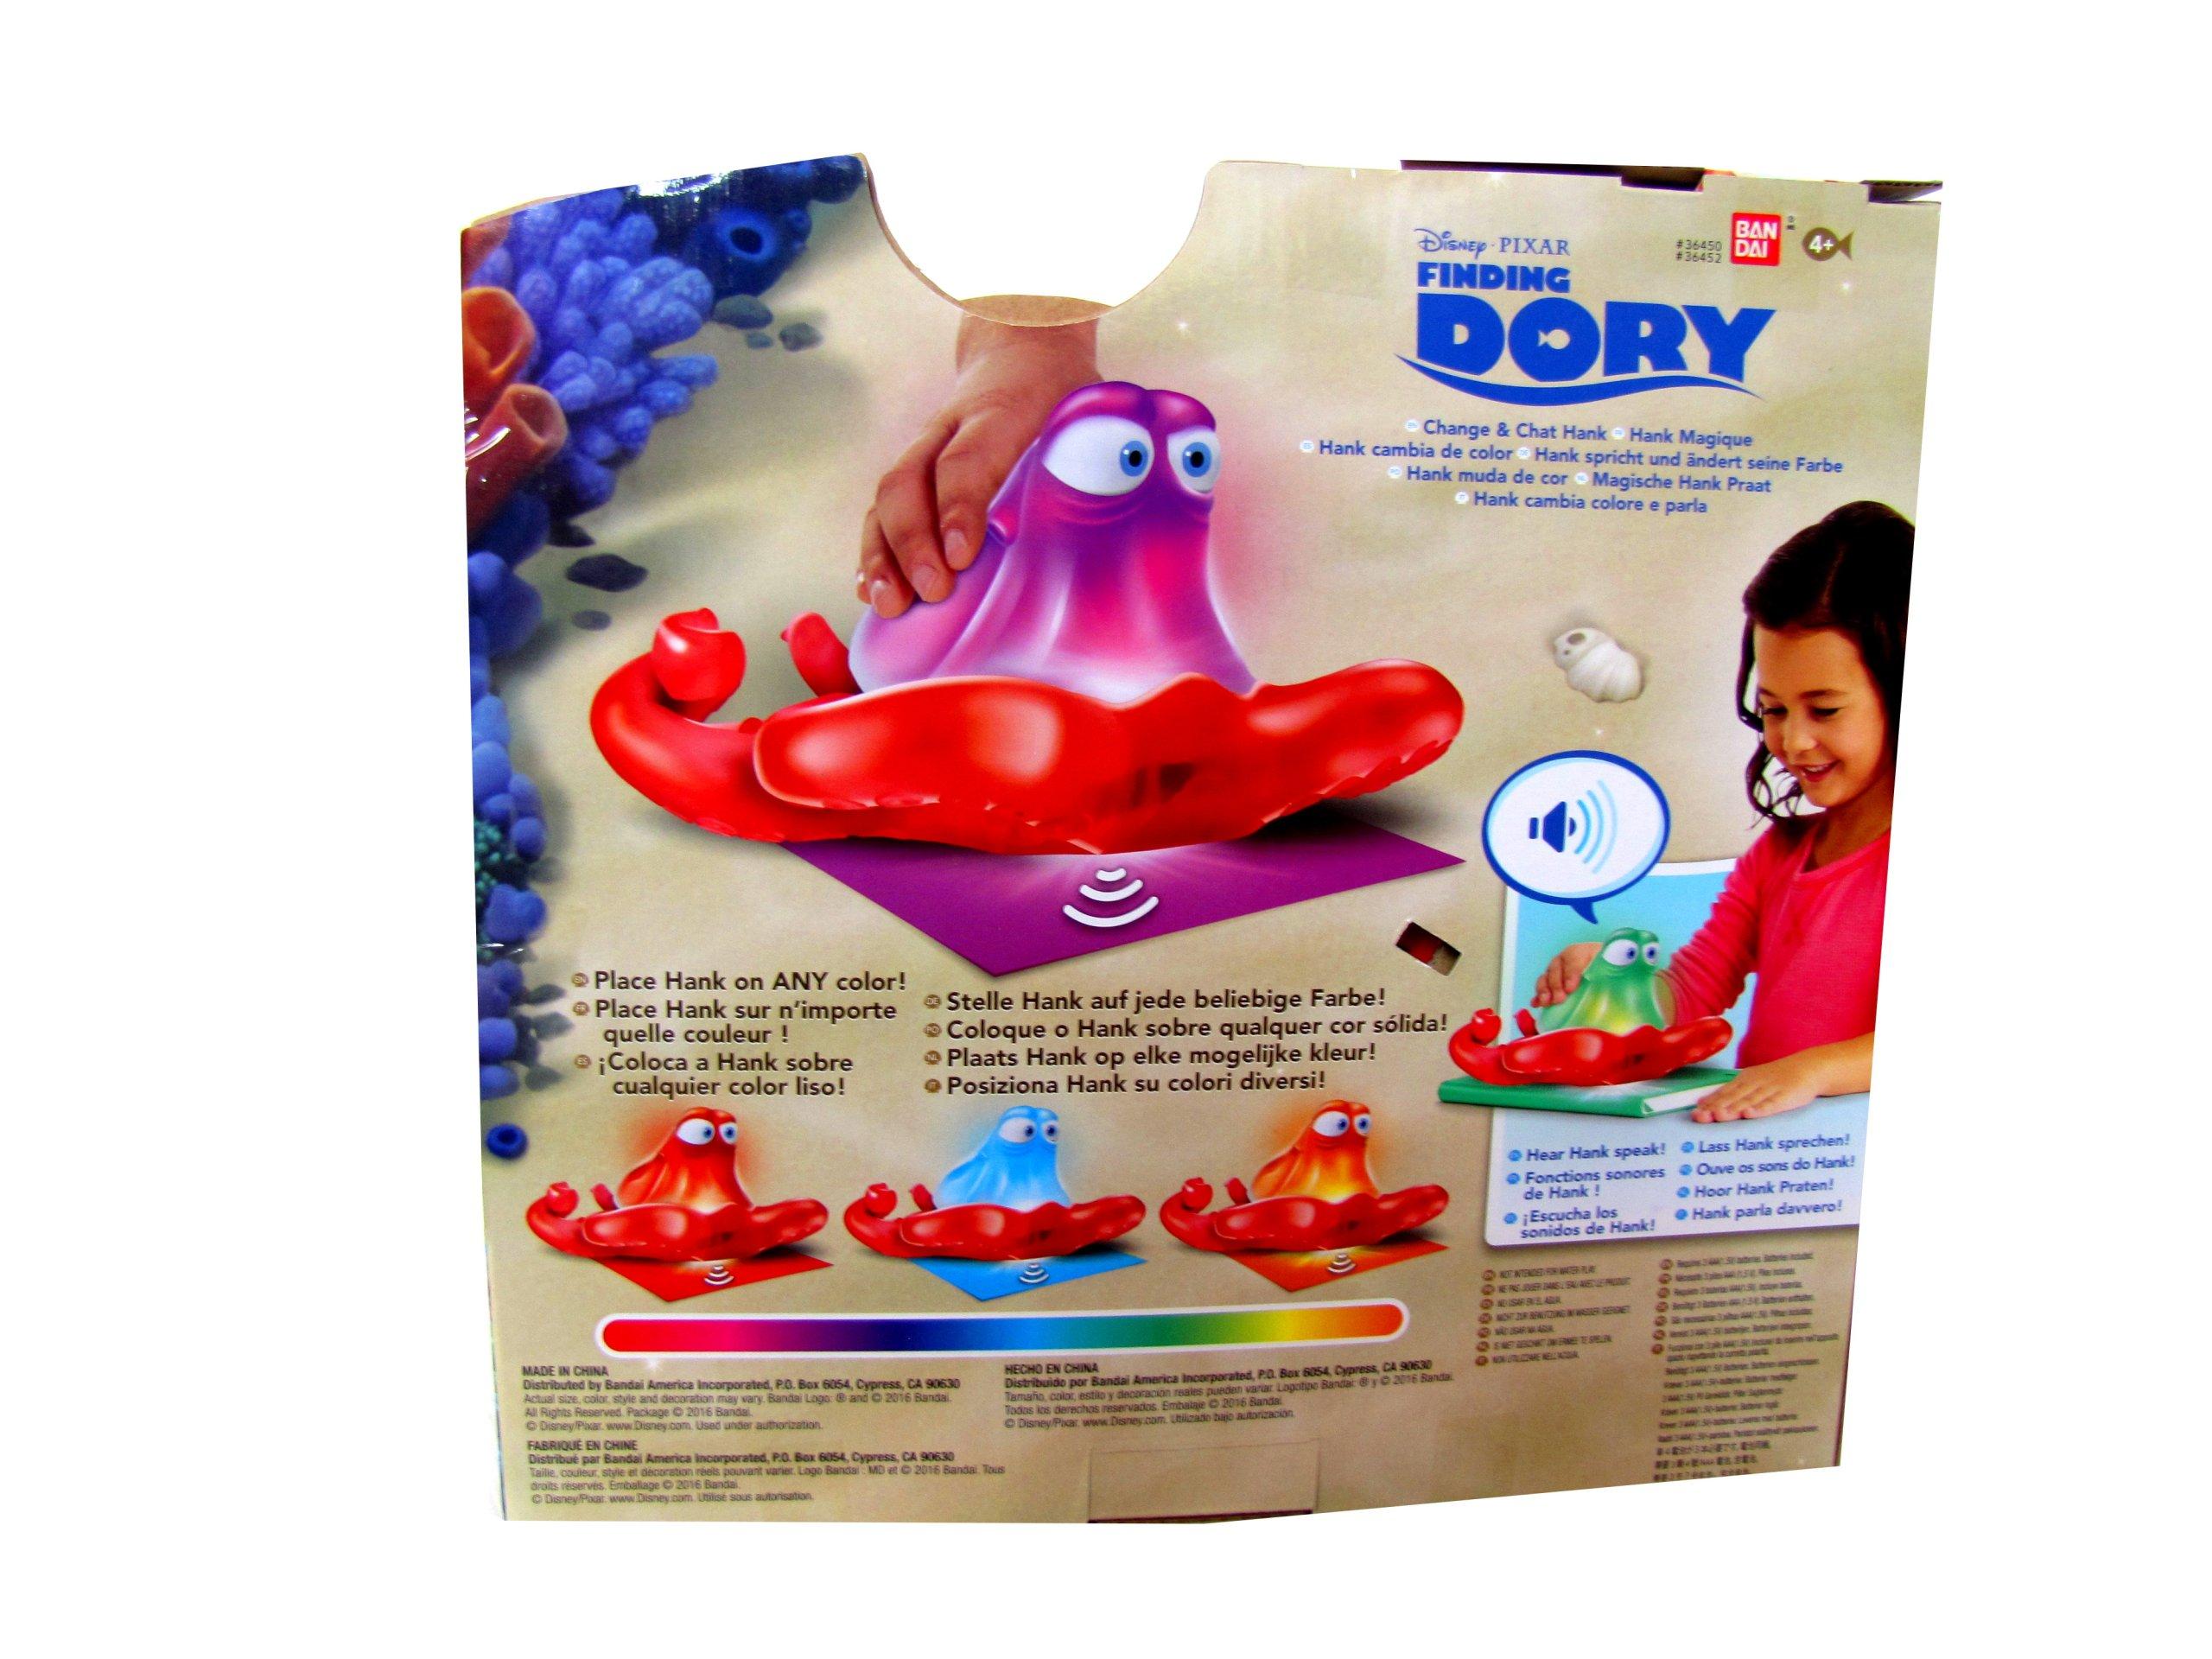 Zabawka W. Disney- Hank zmieniający kolory